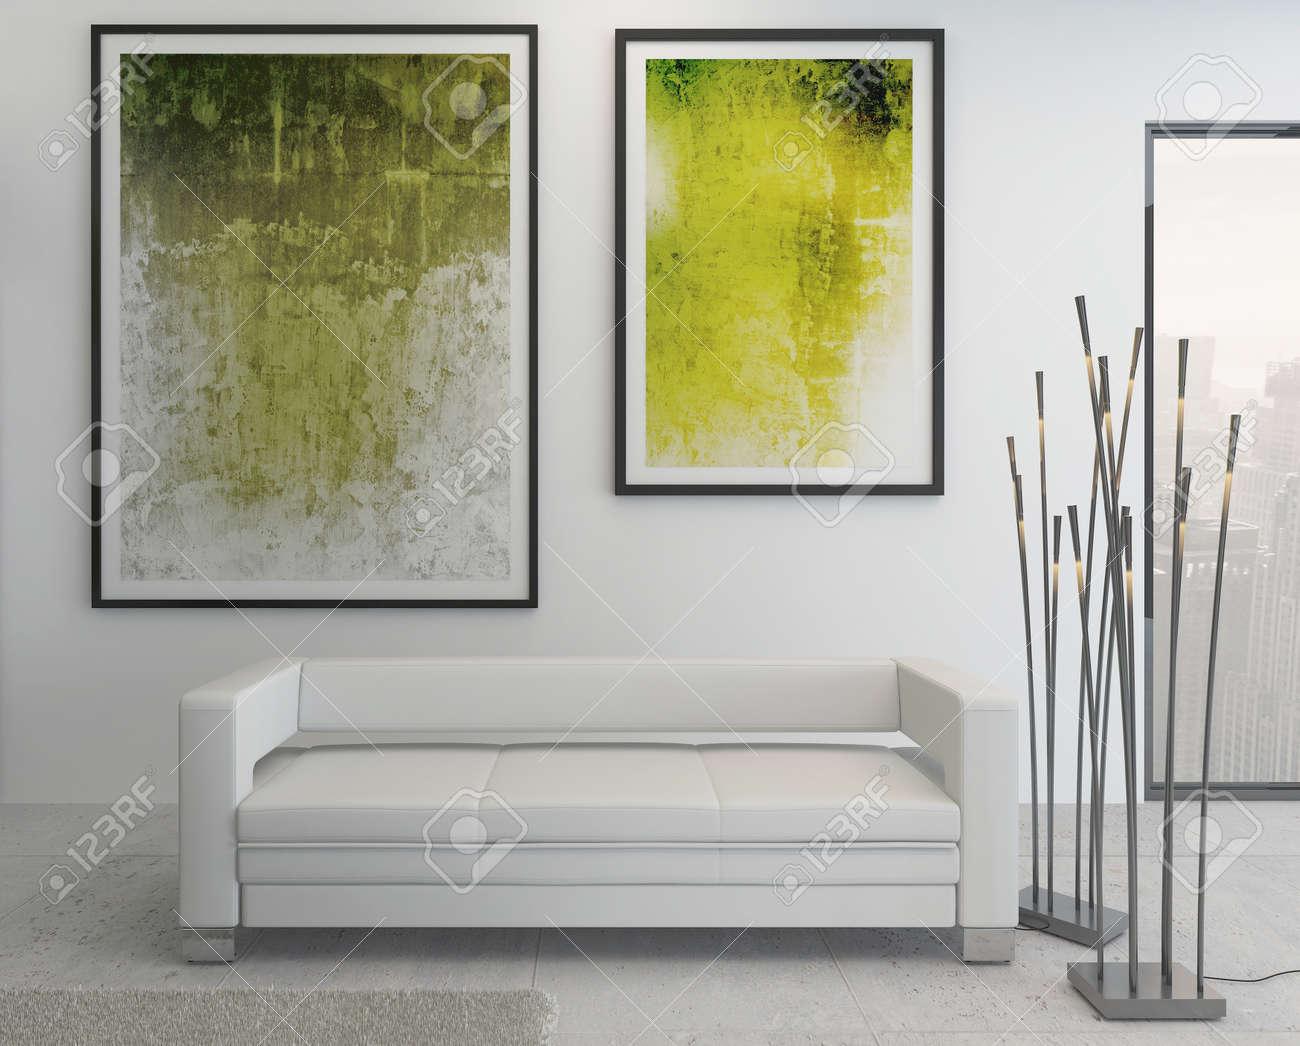 Gemälde Wohnzimmer, moderne wohnzimmer innenraum mit grünen gemälde an der wand, Design ideen